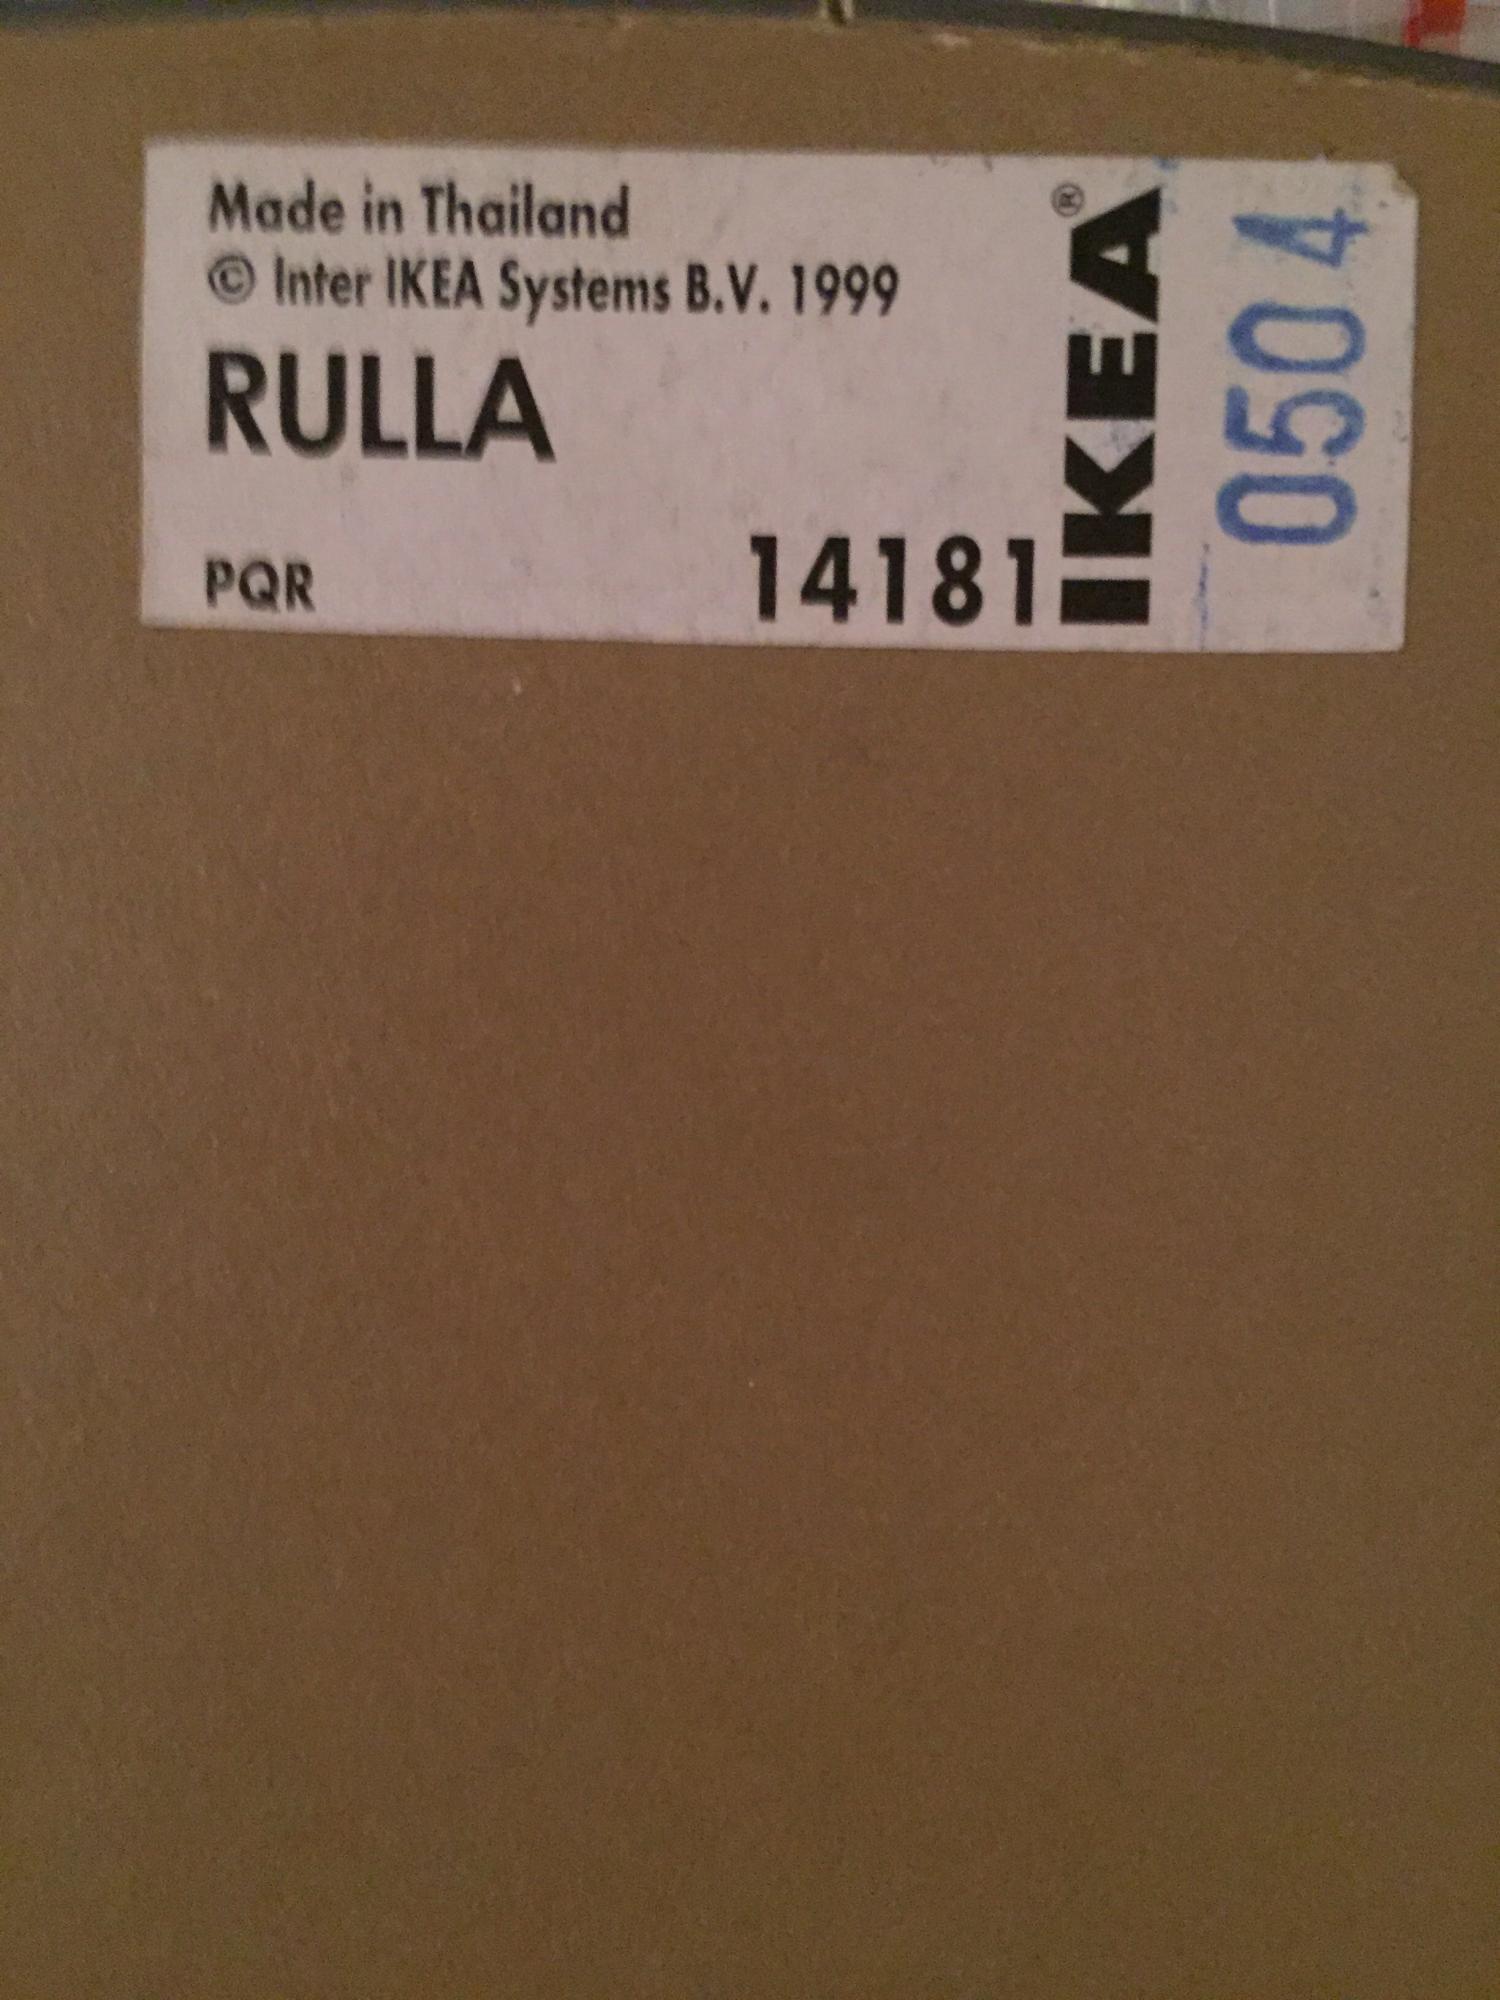 Вращающаяся подставка RULLA ikea в Москве 89651651163 купить 3